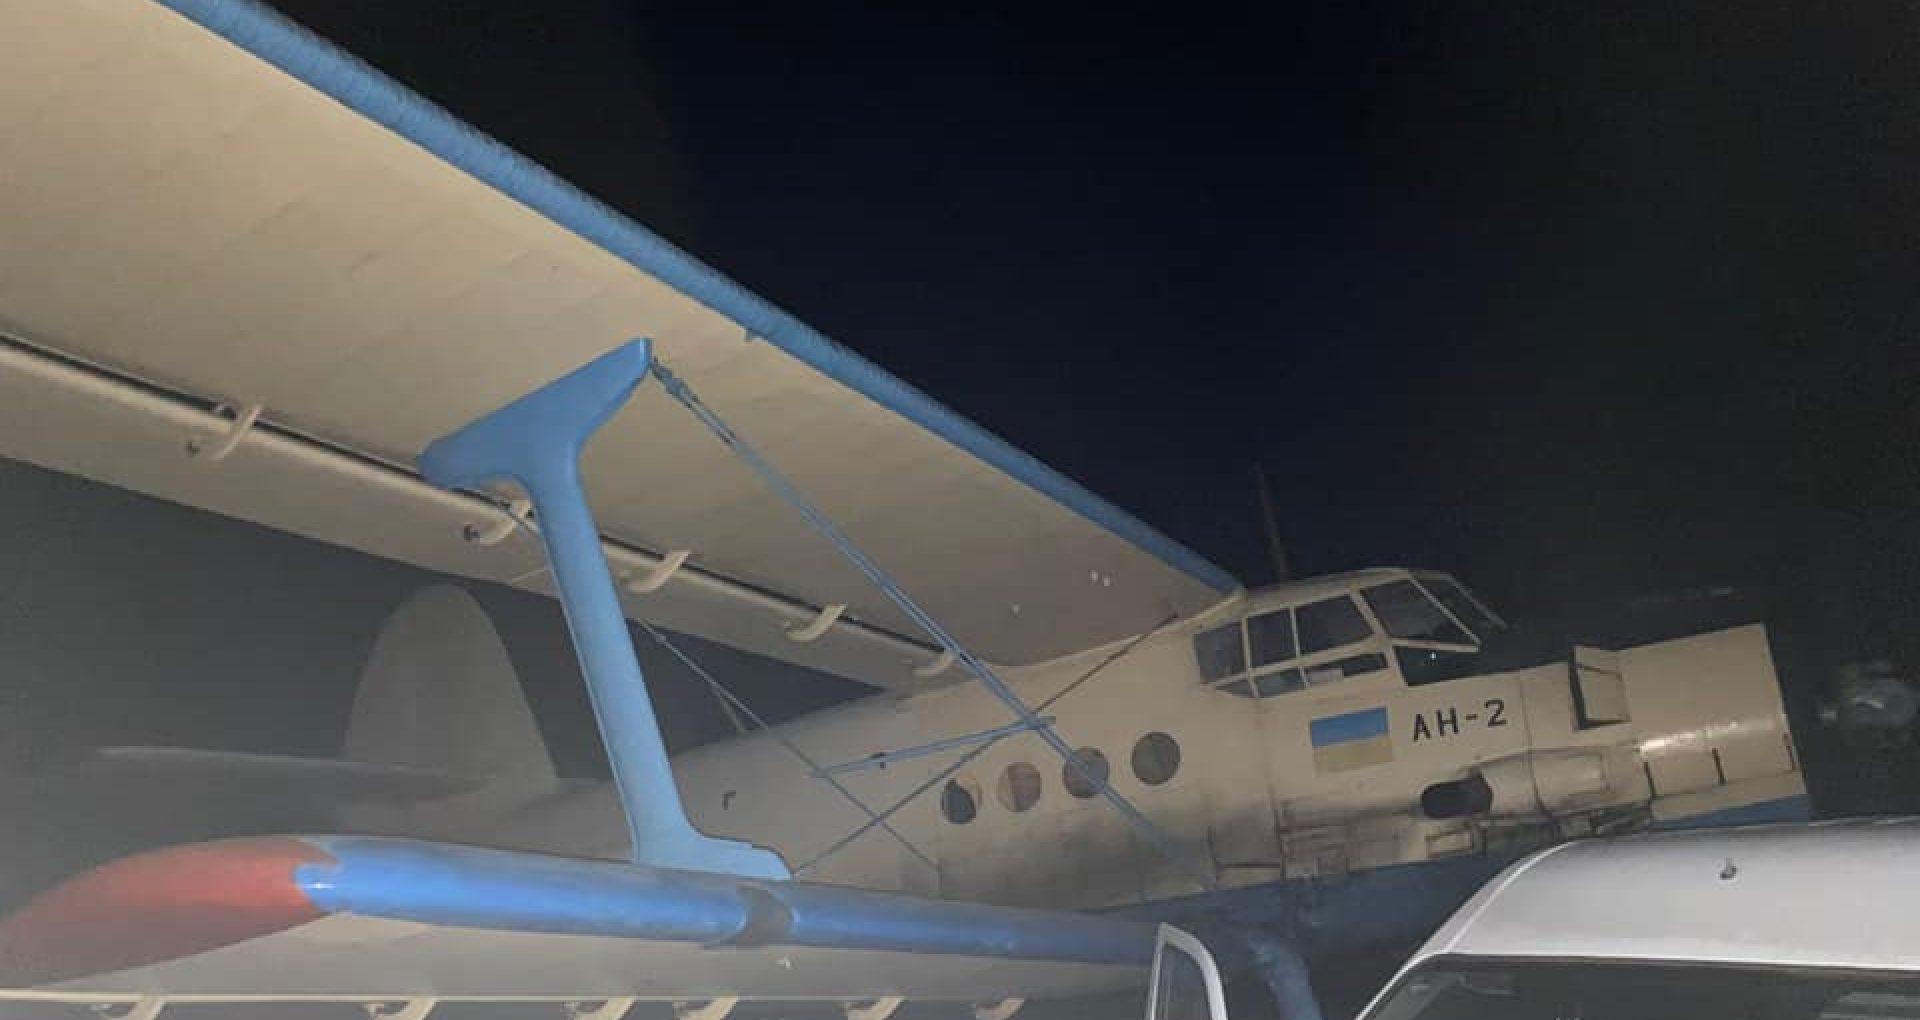 FOTO/ Un avion care ar fi utilizat pentru transportarea țigărilor de contrabandă și care urma să ajungă pe teritoriul României, oprit de polițiștii de frontieră